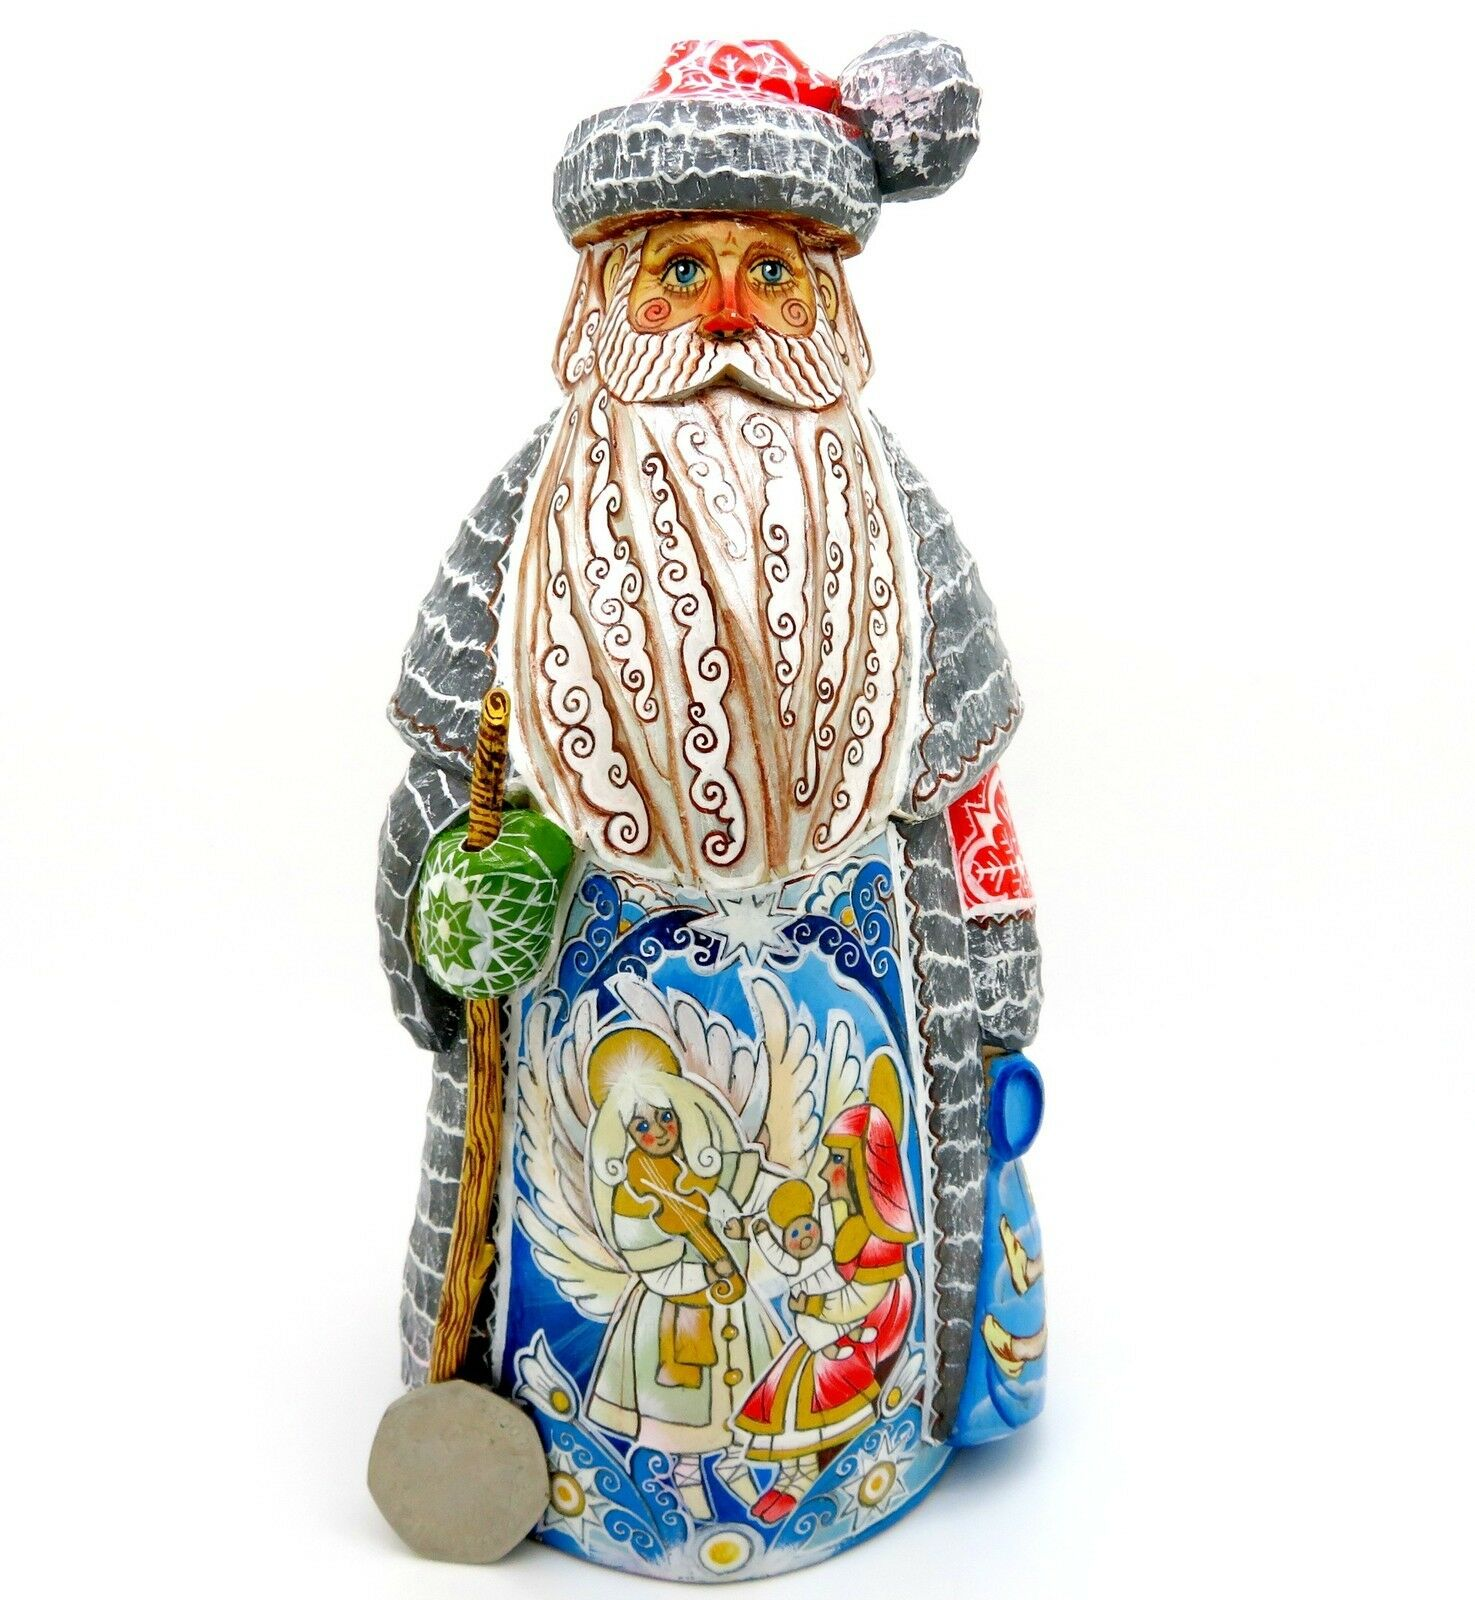 IN LEGNO STATUA intagliato bambola russa russa russa Babbo Natale unico natività firmato 1b5dcc